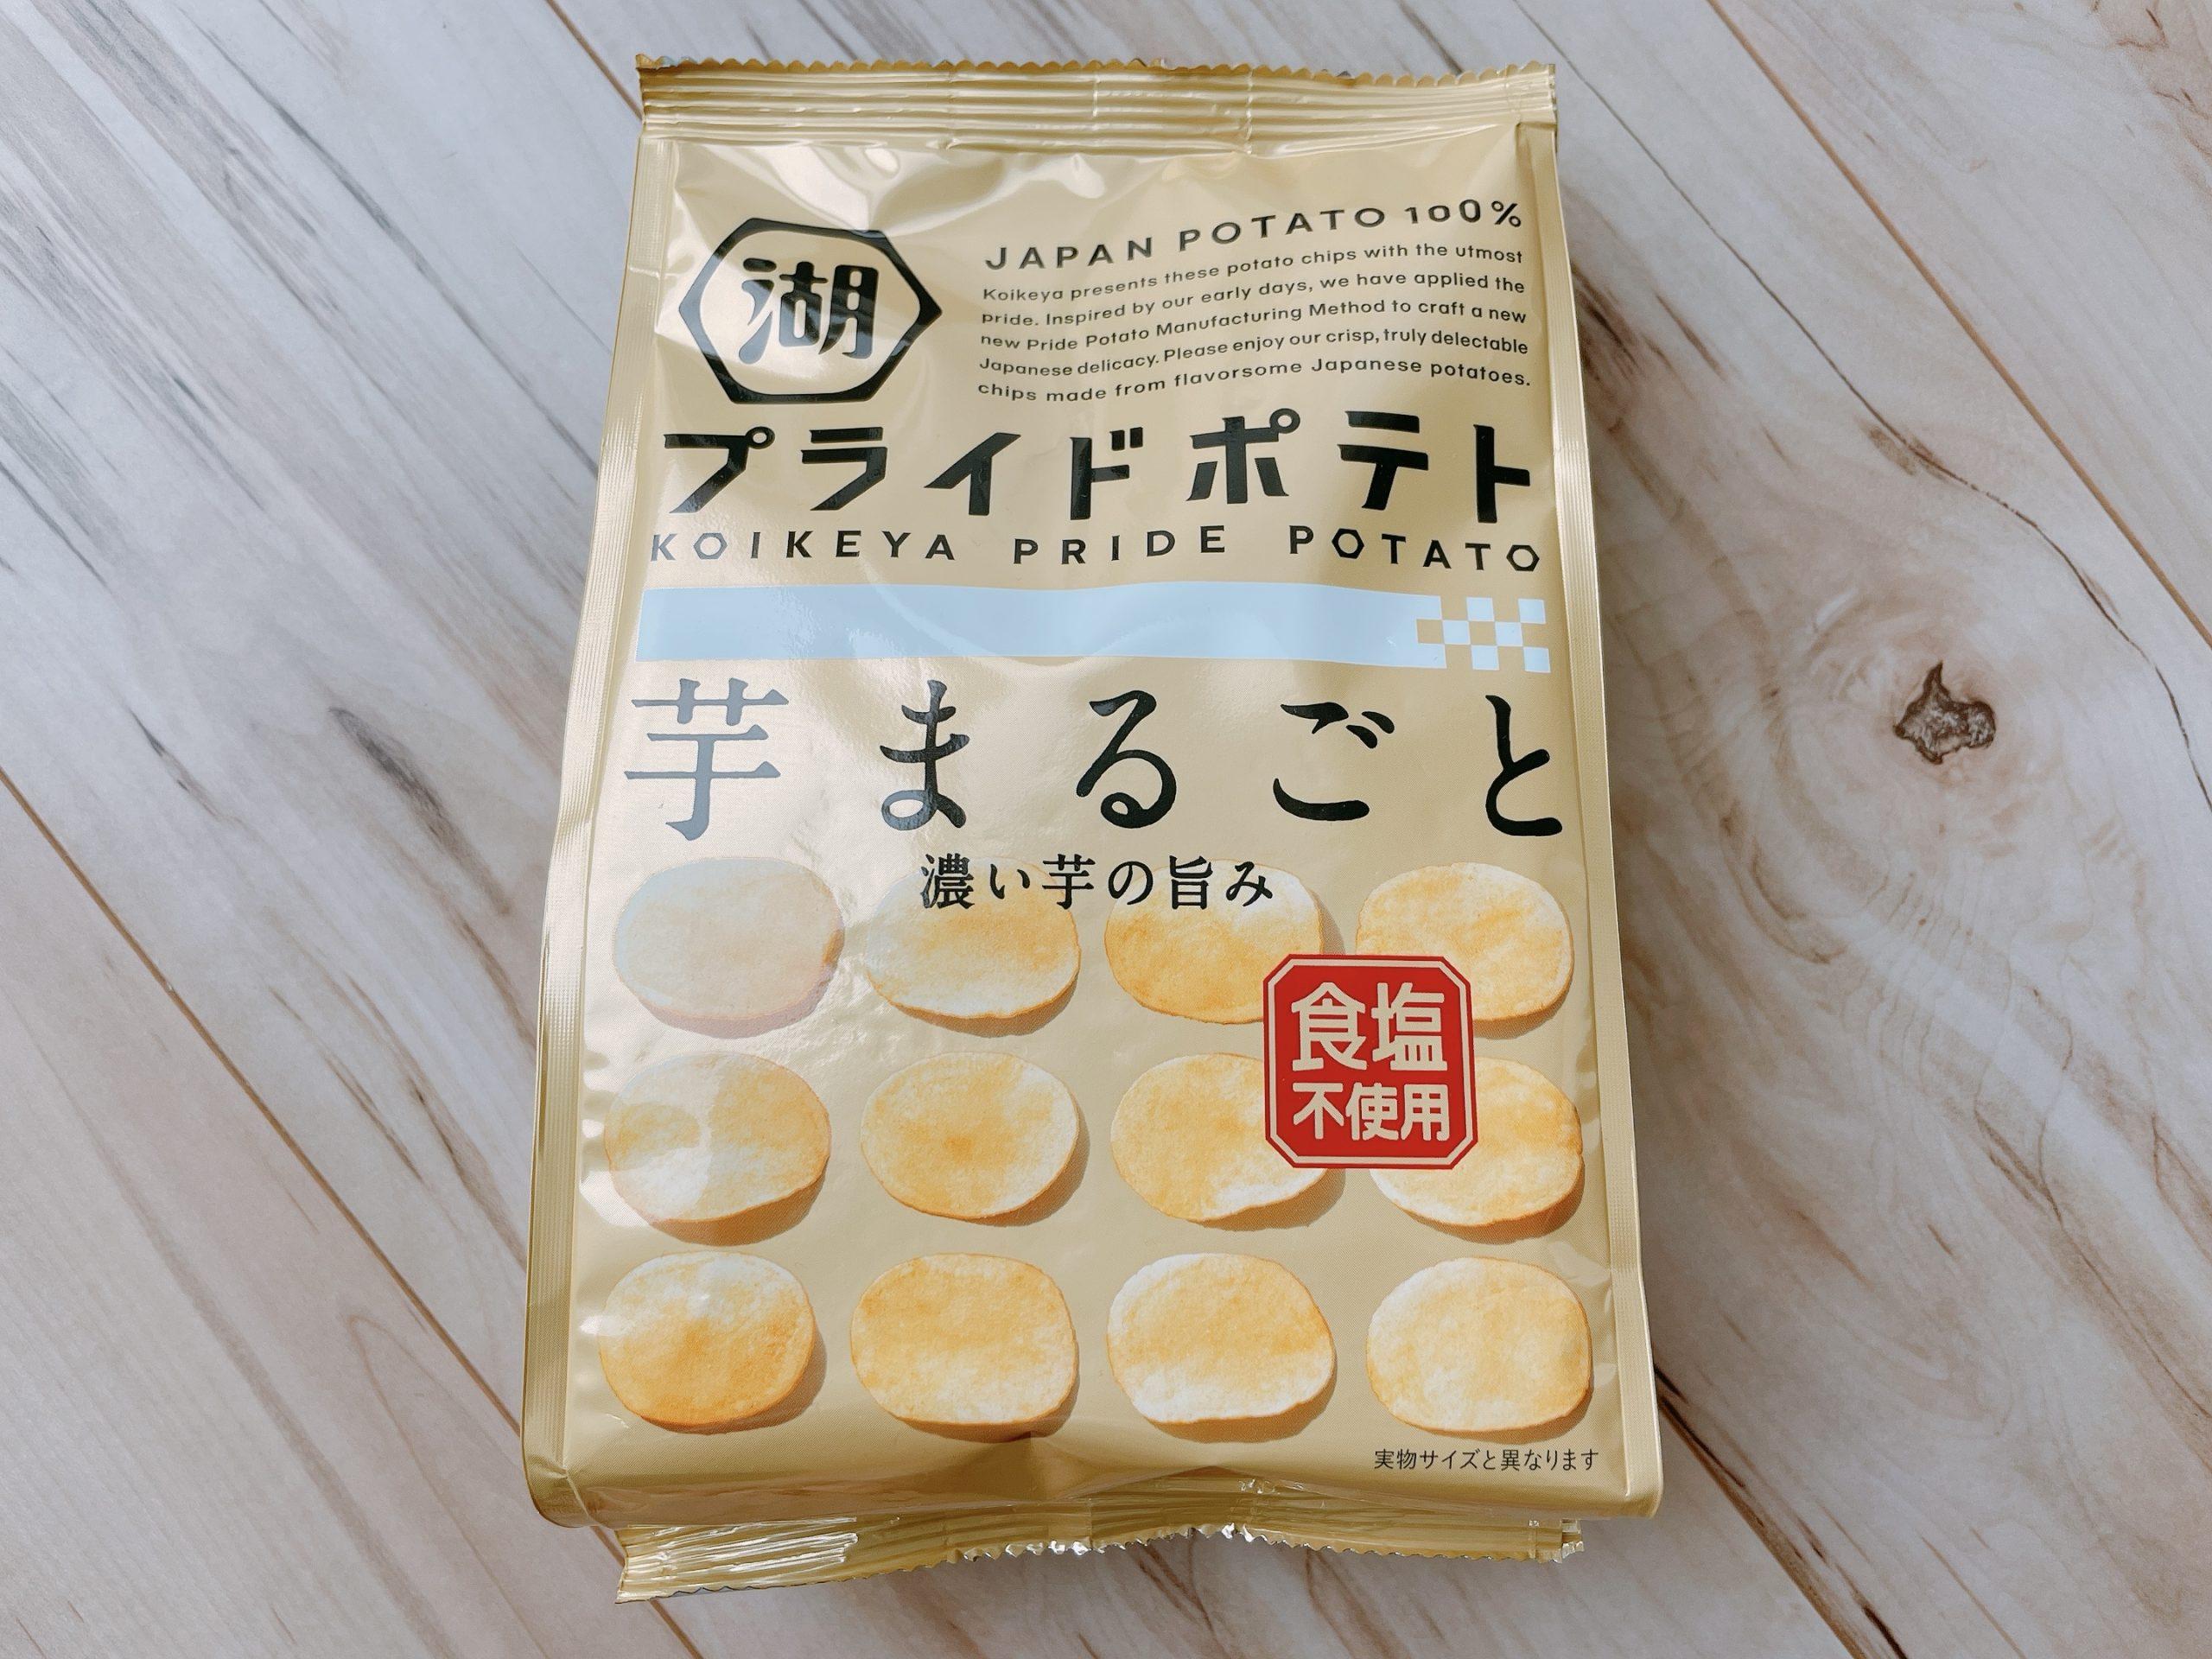 プライドポテト<芋まるごと>パッケージ